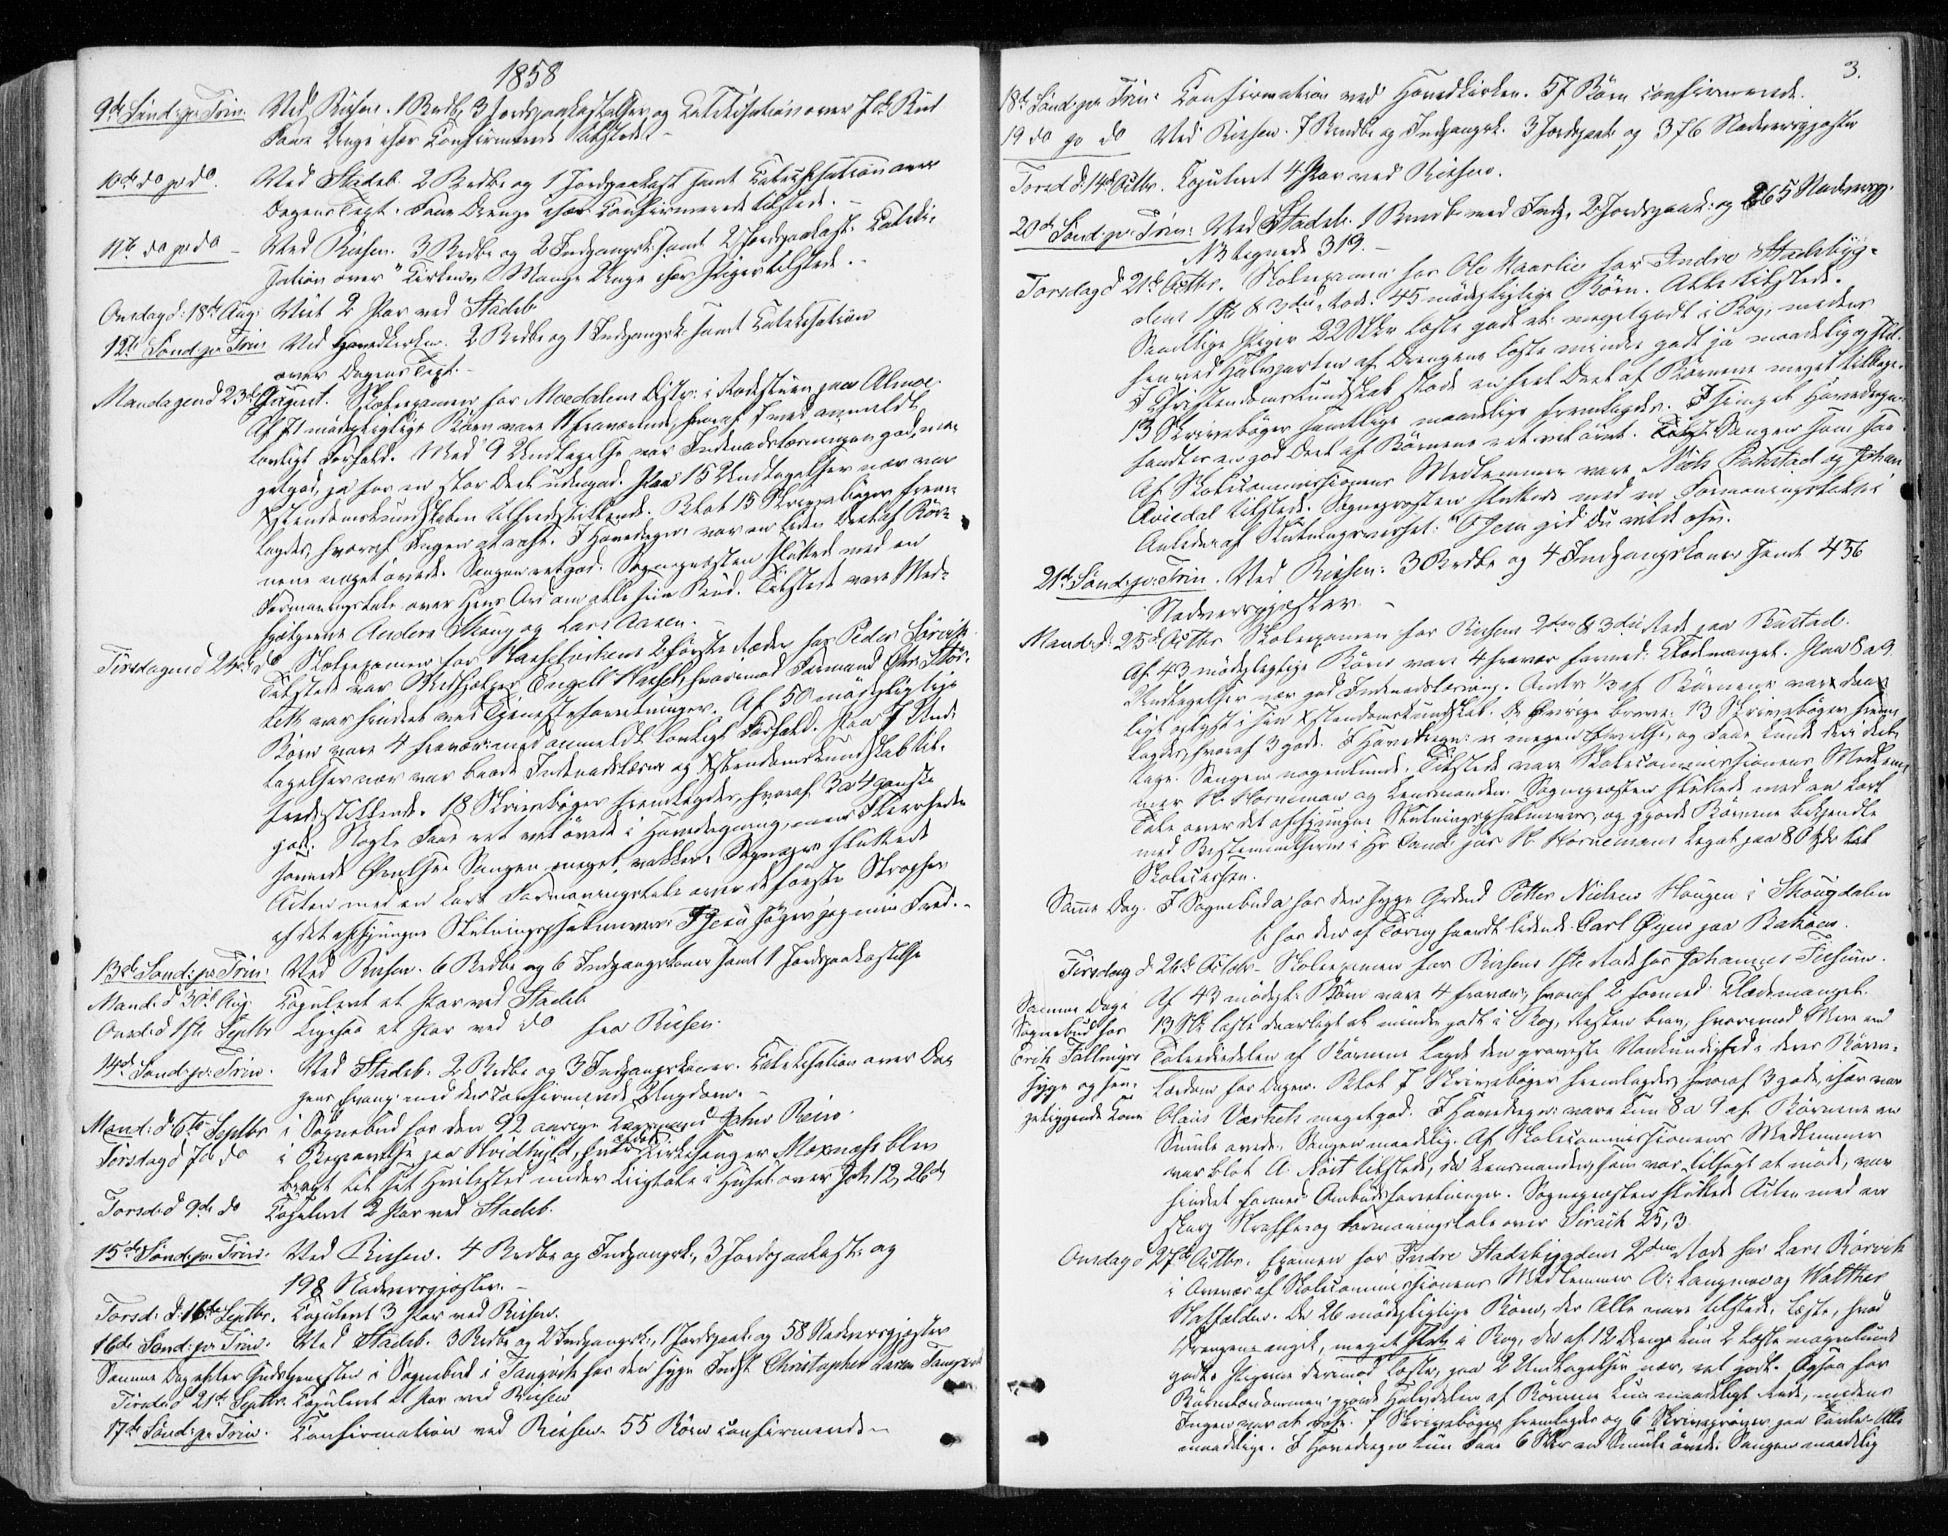 SAT, Ministerialprotokoller, klokkerbøker og fødselsregistre - Sør-Trøndelag, 646/L0612: Ministerialbok nr. 646A10, 1858-1869, s. 3